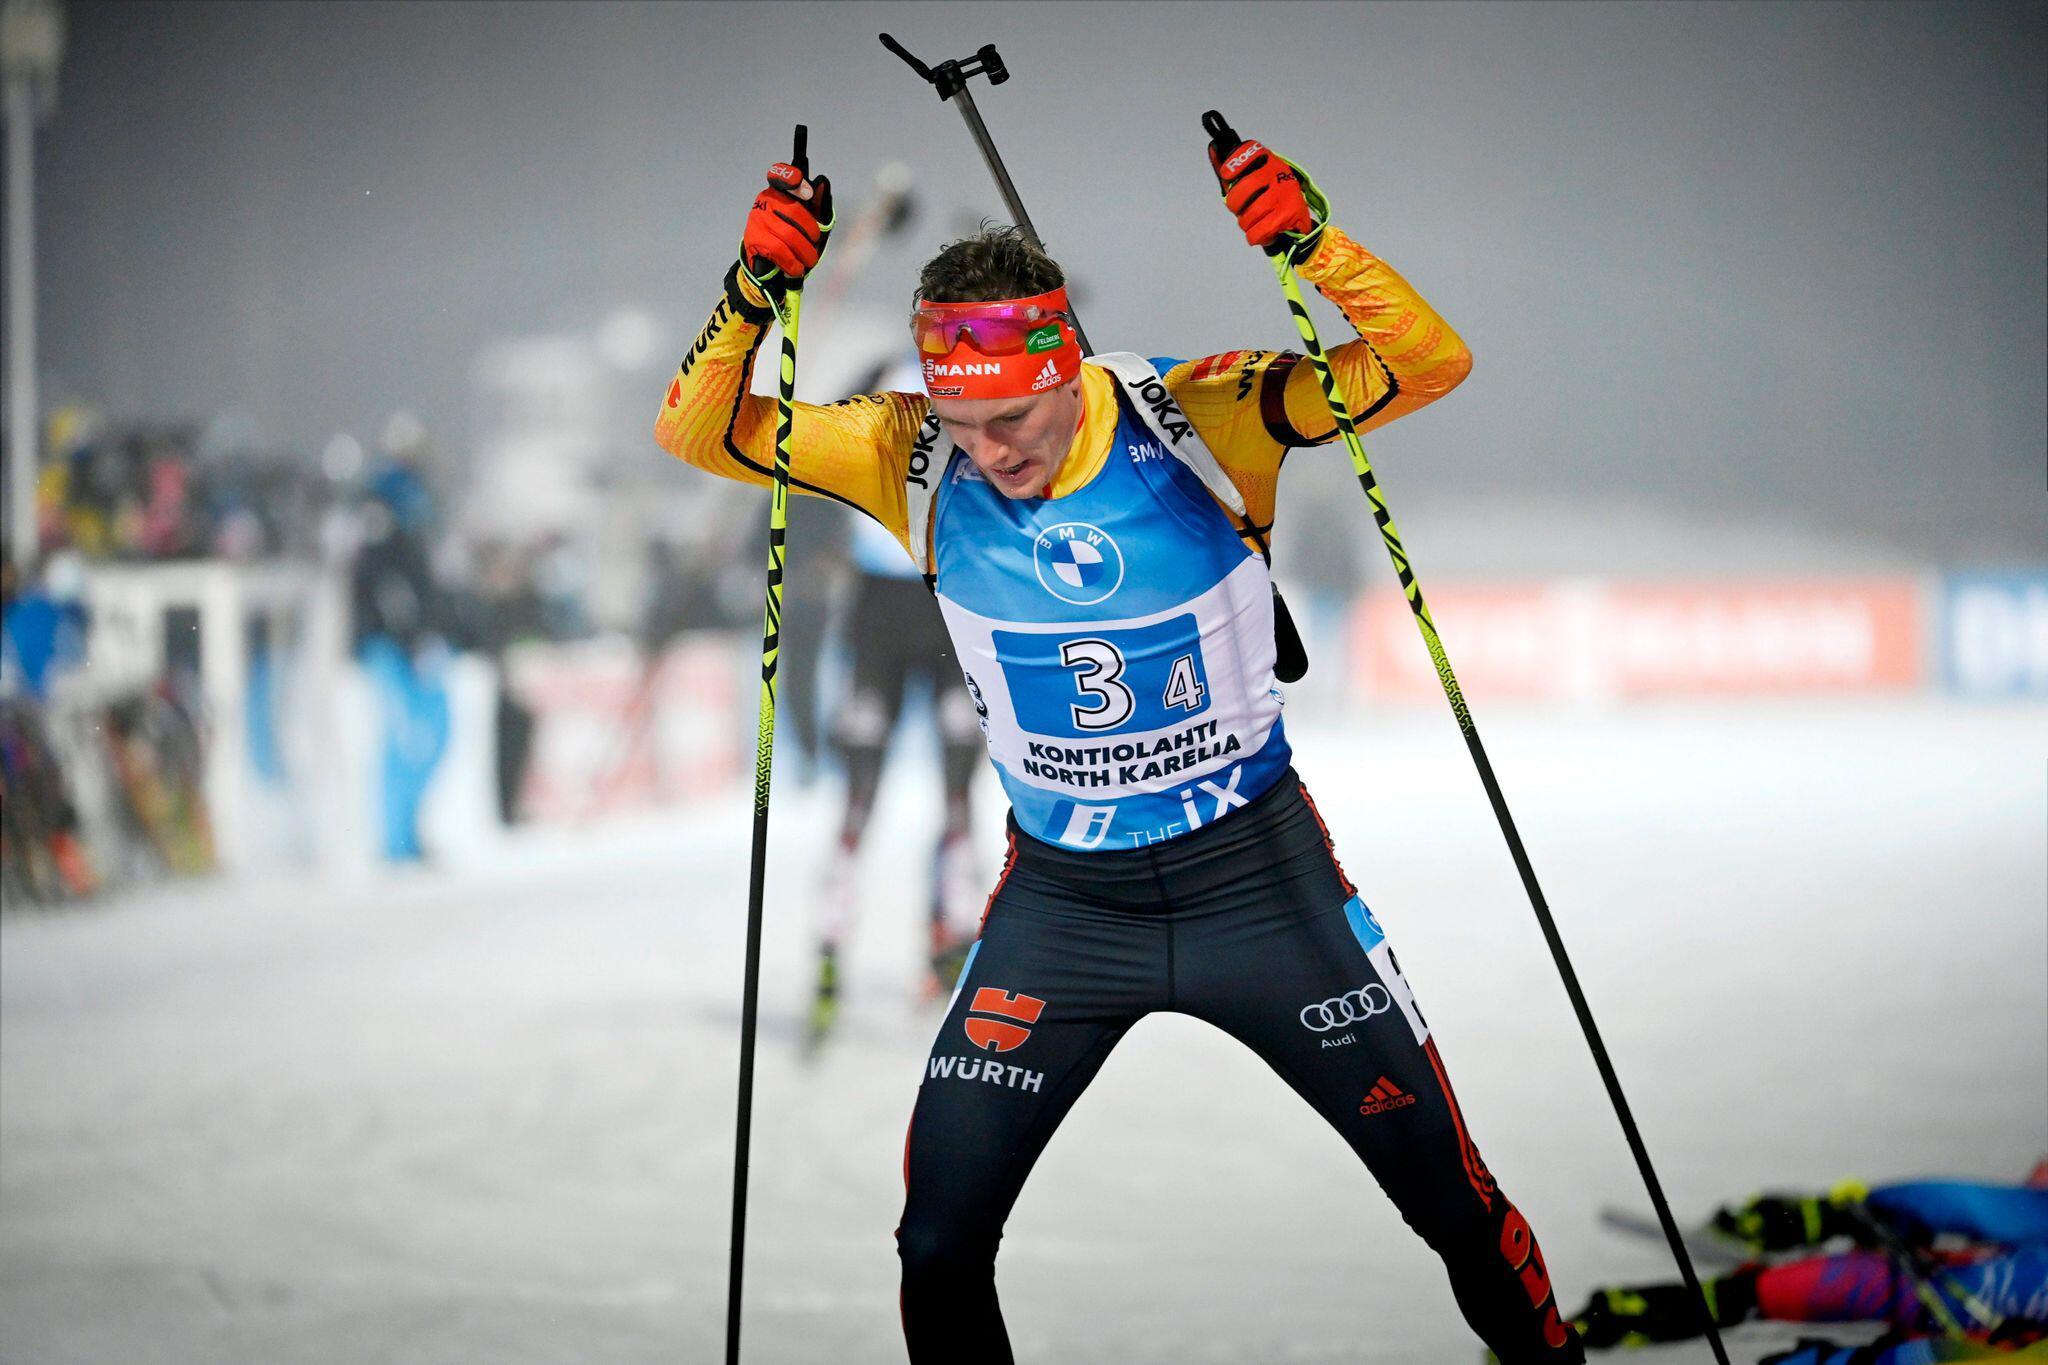 Bild zu Biathlon-Weltcup in Finnland